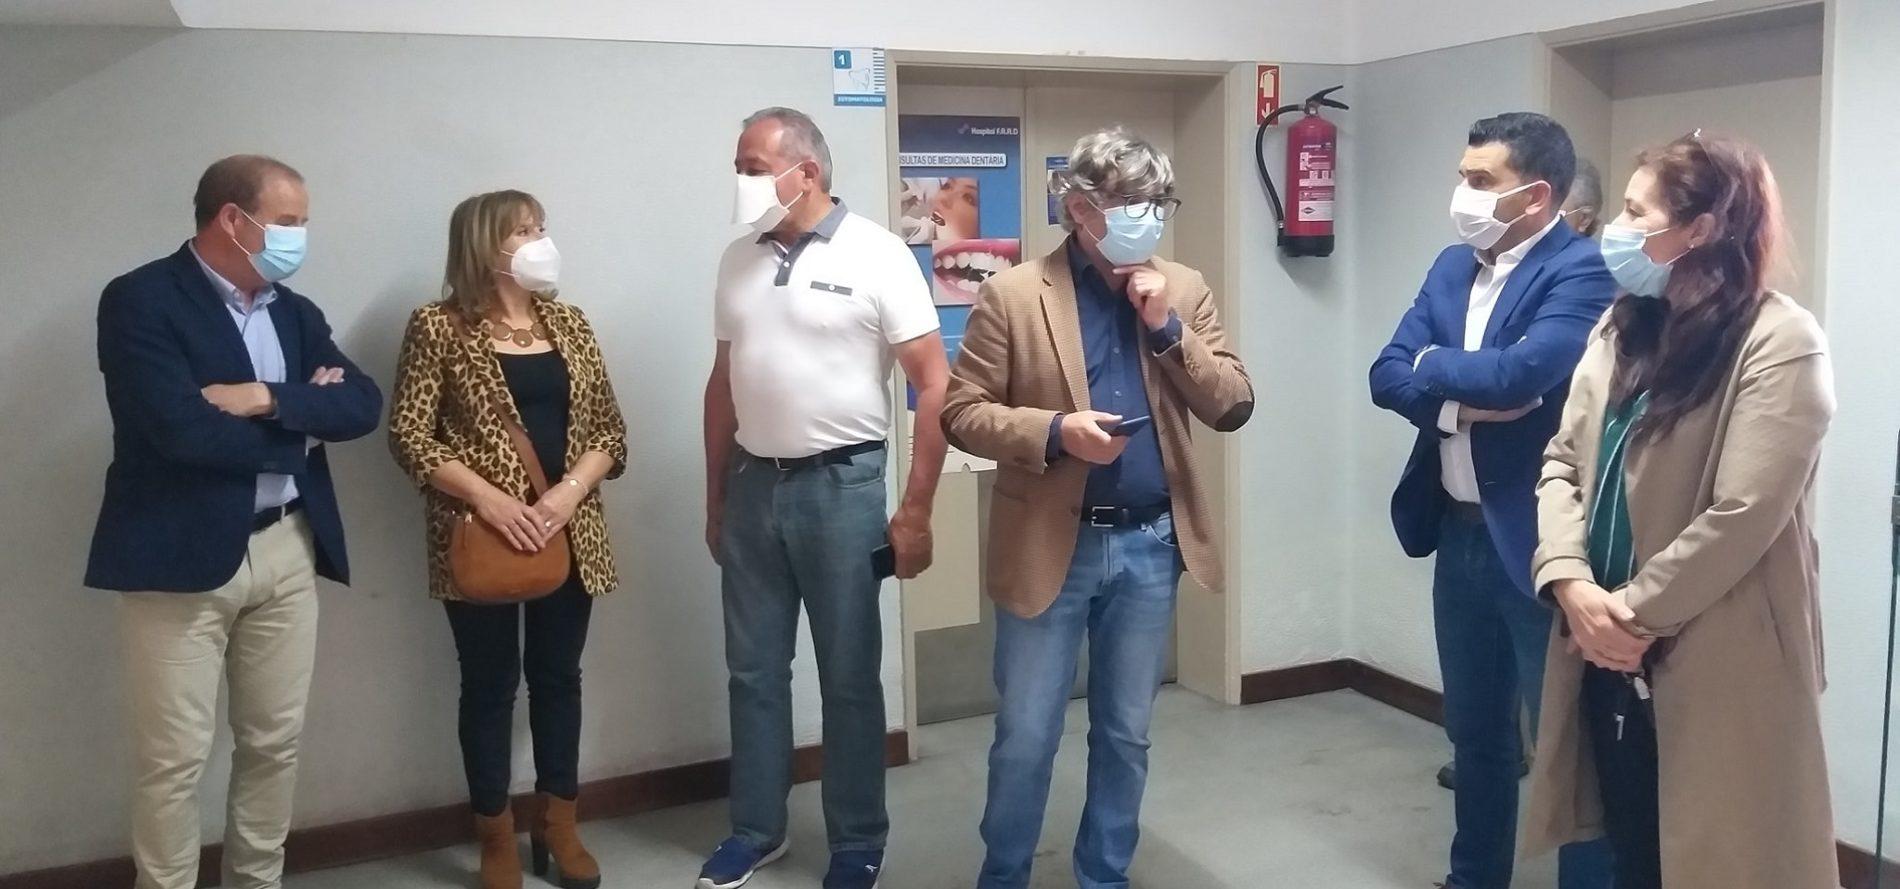 Funcionários de creches privadas em Oliveira do Hospital fazem teste de rastreio à Covid-19